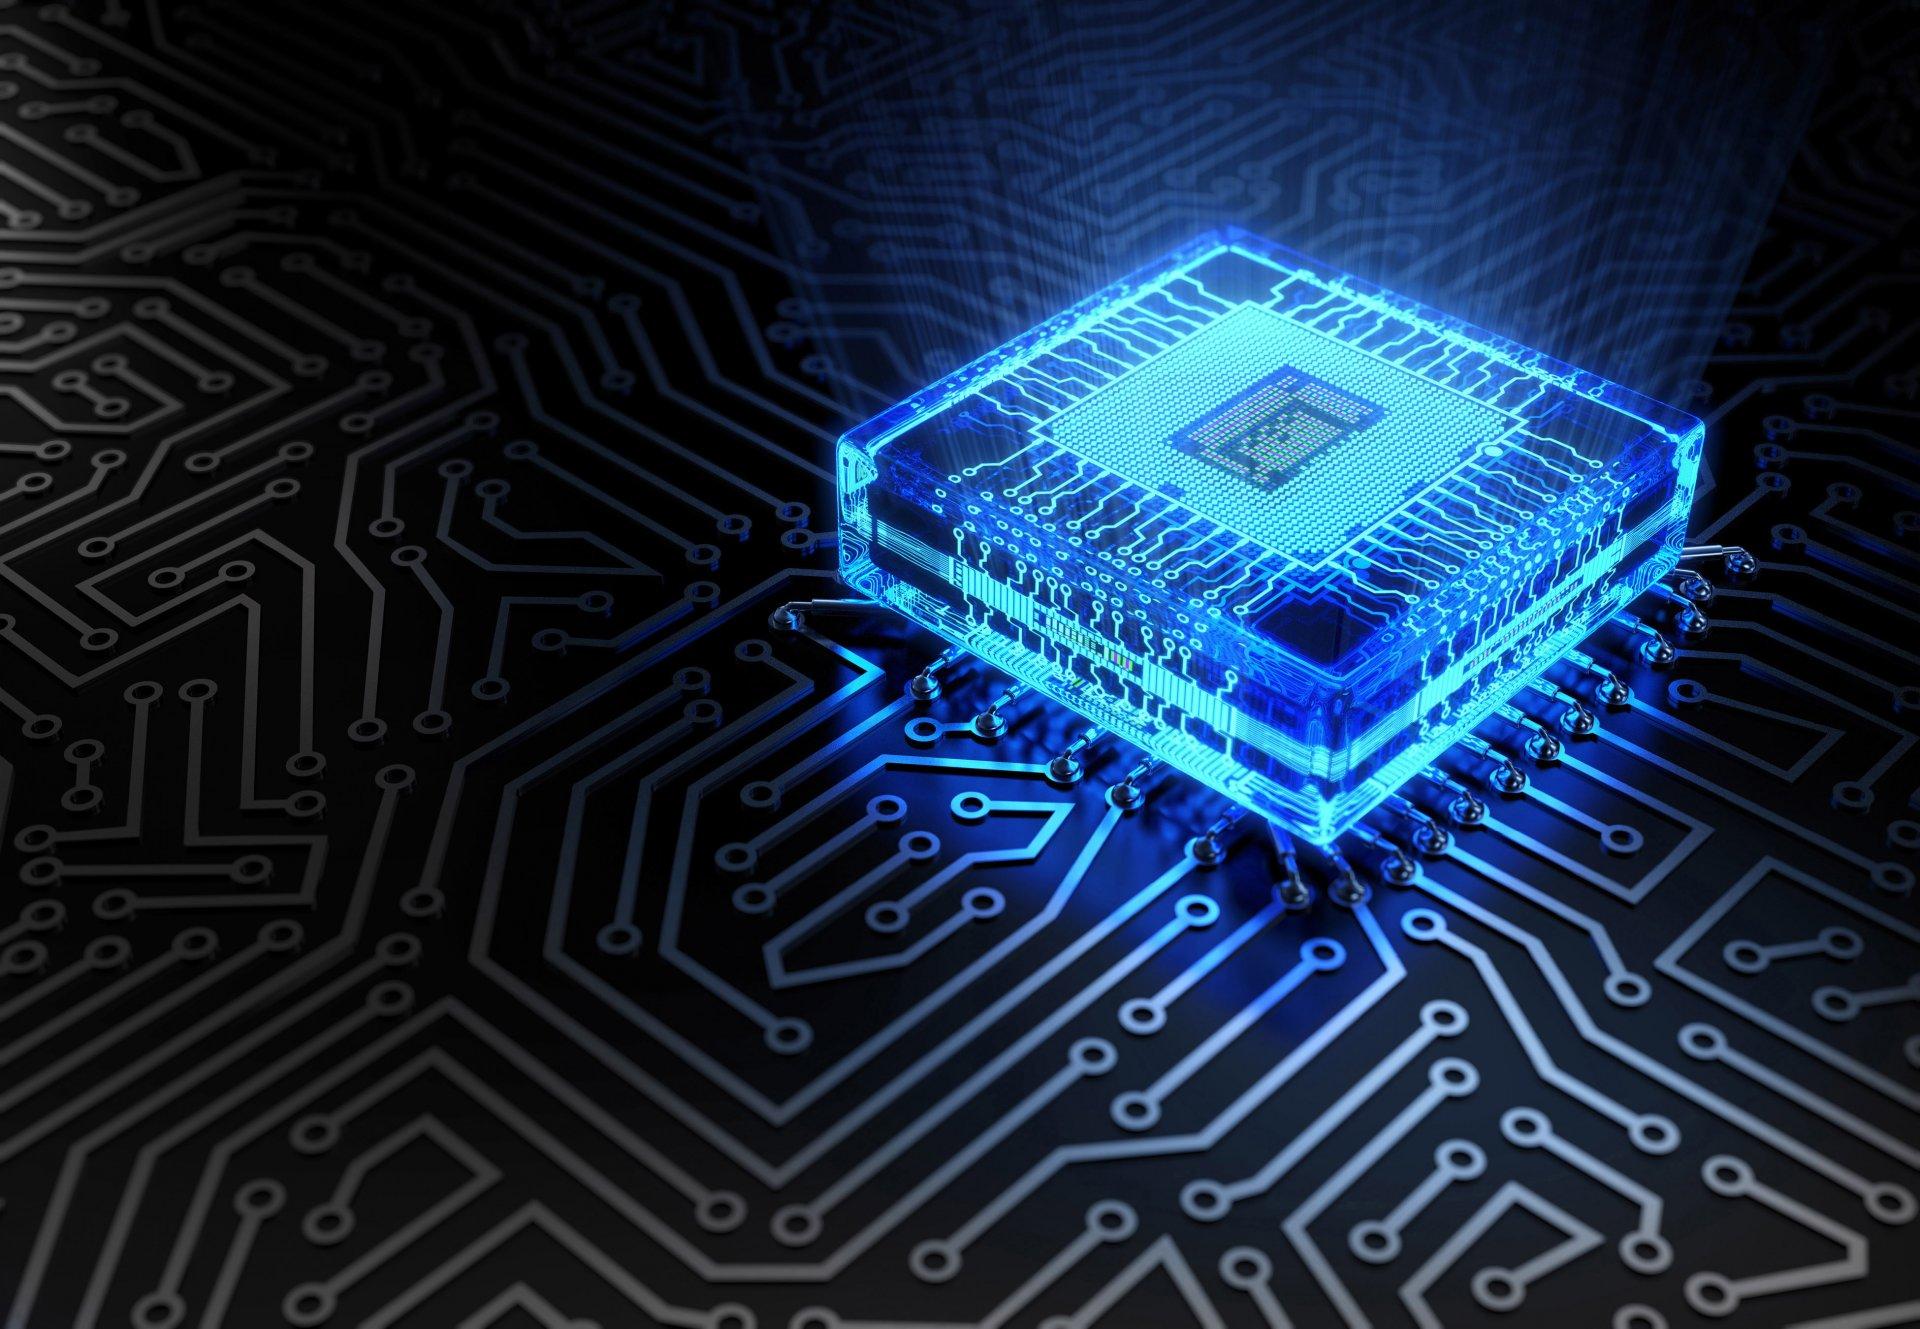 Российское правительство может выделить 800 миллиардов на развитие микроэлектроники